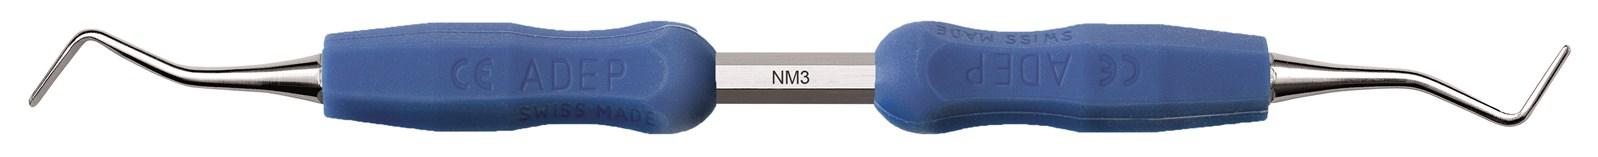 Lžičkové dlátko - NM3, ADEP světle modrý